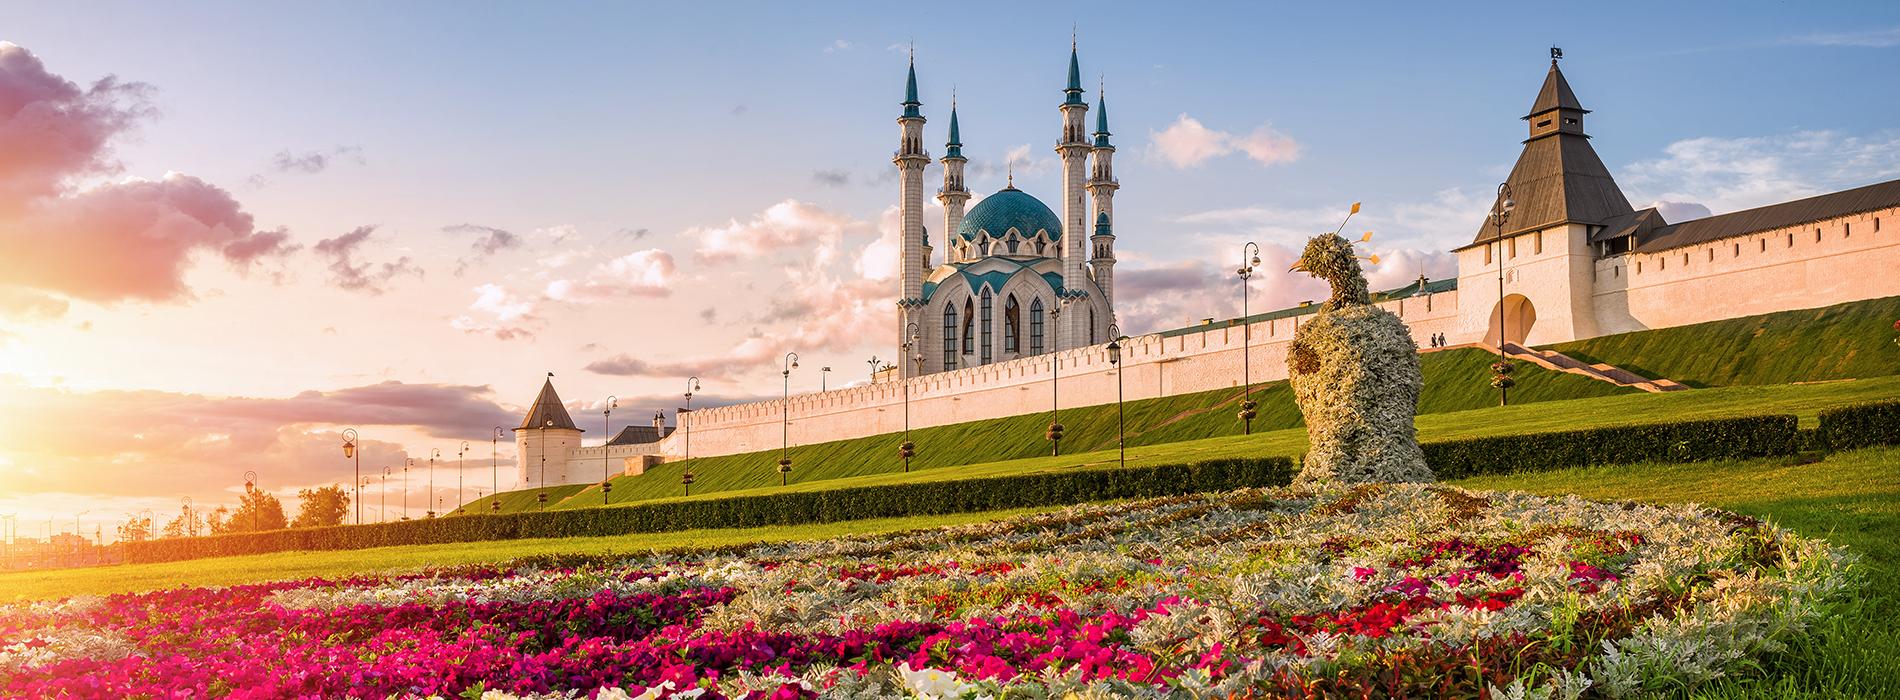 Авиабилеты Анапа — Казань, купить билеты на самолет туда и обратно, цены и расписание рейсов